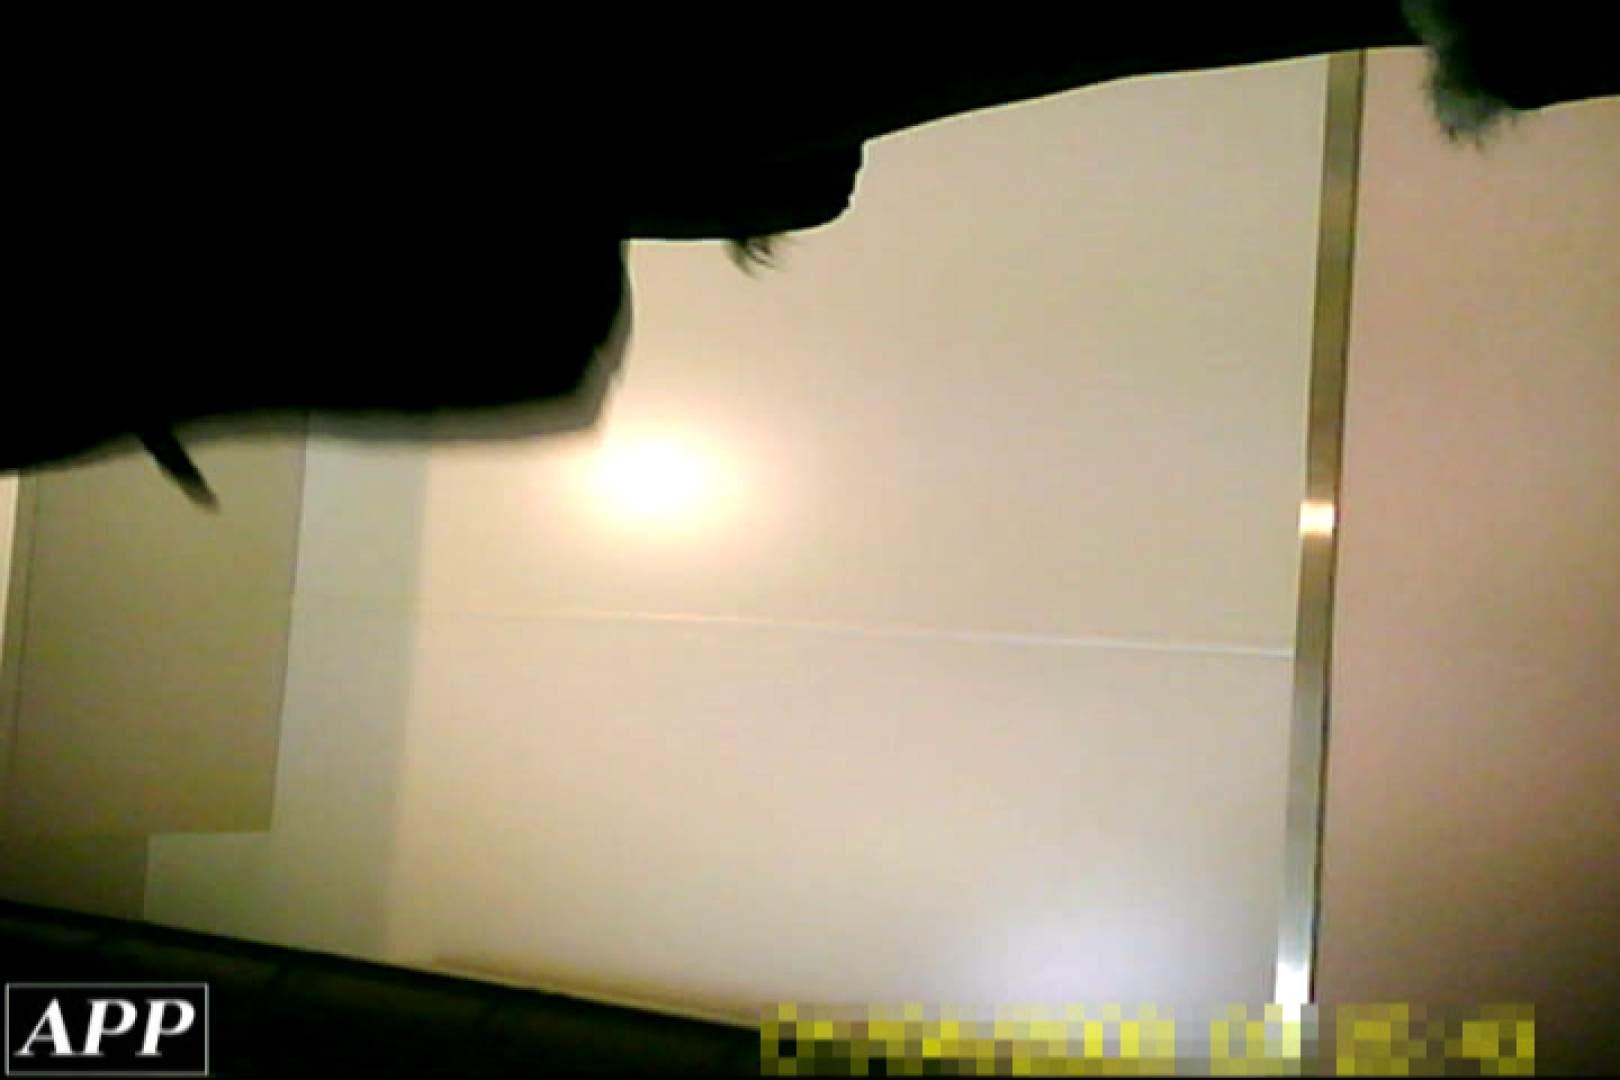 3視点洗面所 vol.35 オマンコ・ぱっくり おめこ無修正画像 73画像 61